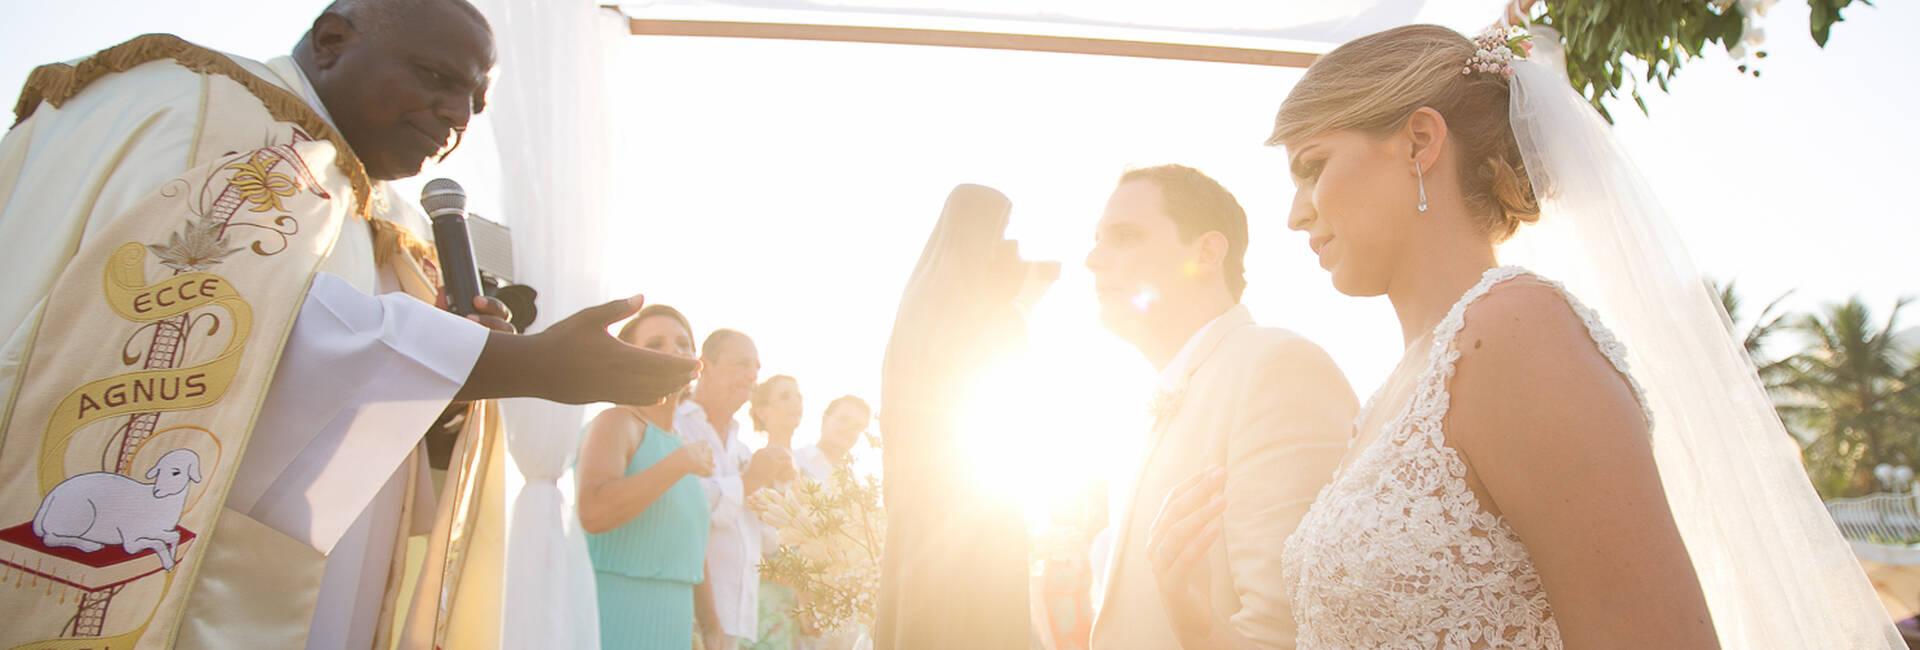 Casamento de Camila e Luiz